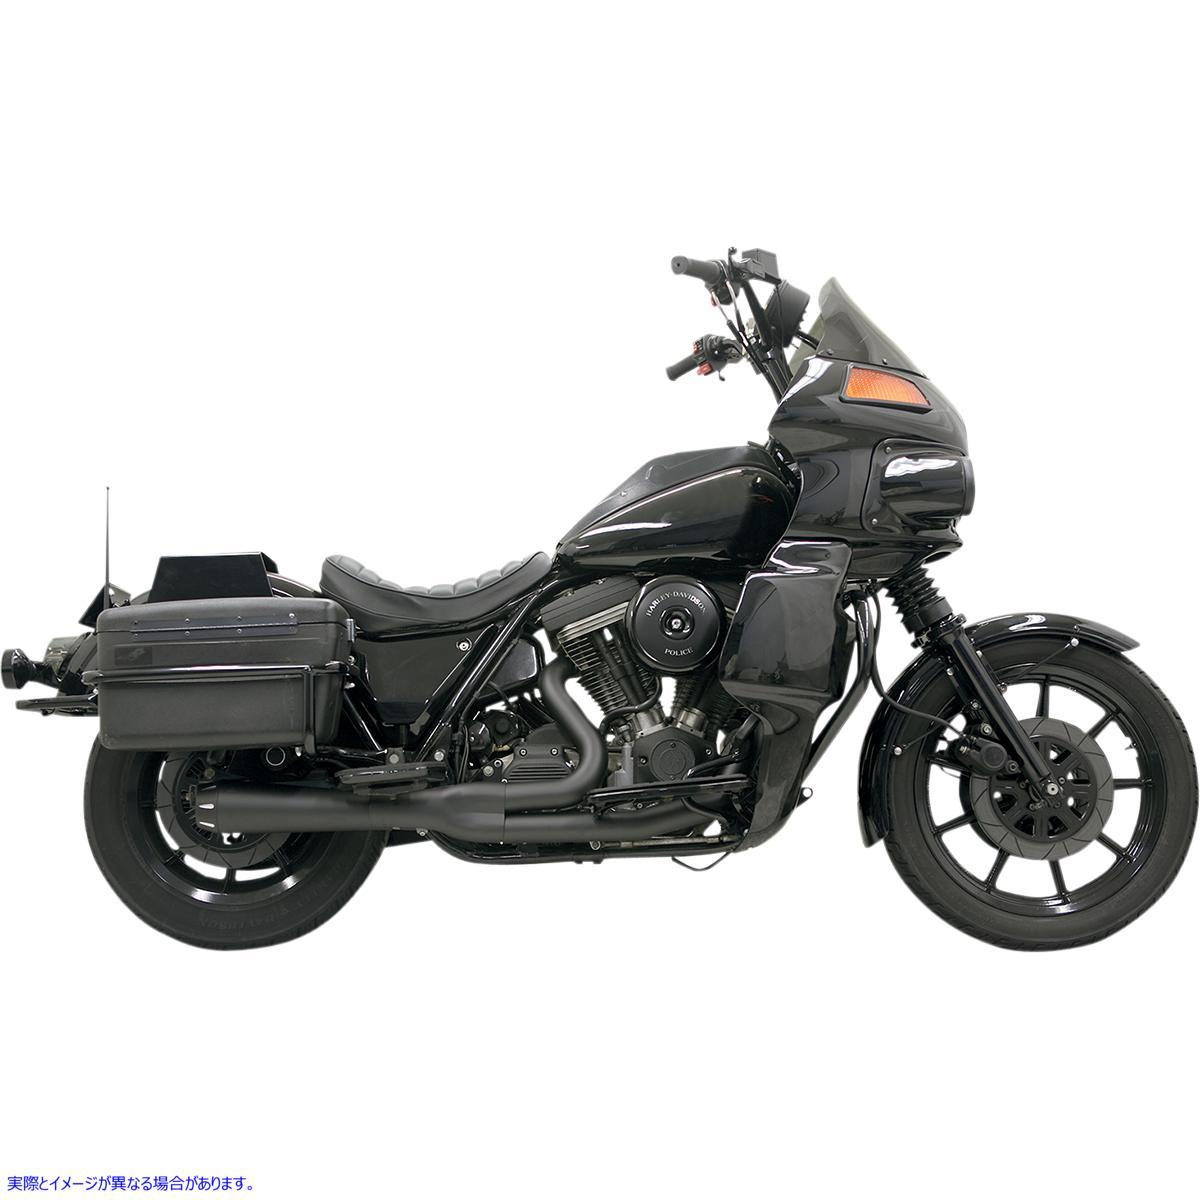 【取寄せ】 バッサーニ エキゾースト 1FXRFB BASSANI XHAUST Road Rage 2:1 Exhaust - Black - FXR エキゾースト RR2-1 EVO FXRT BK 18001